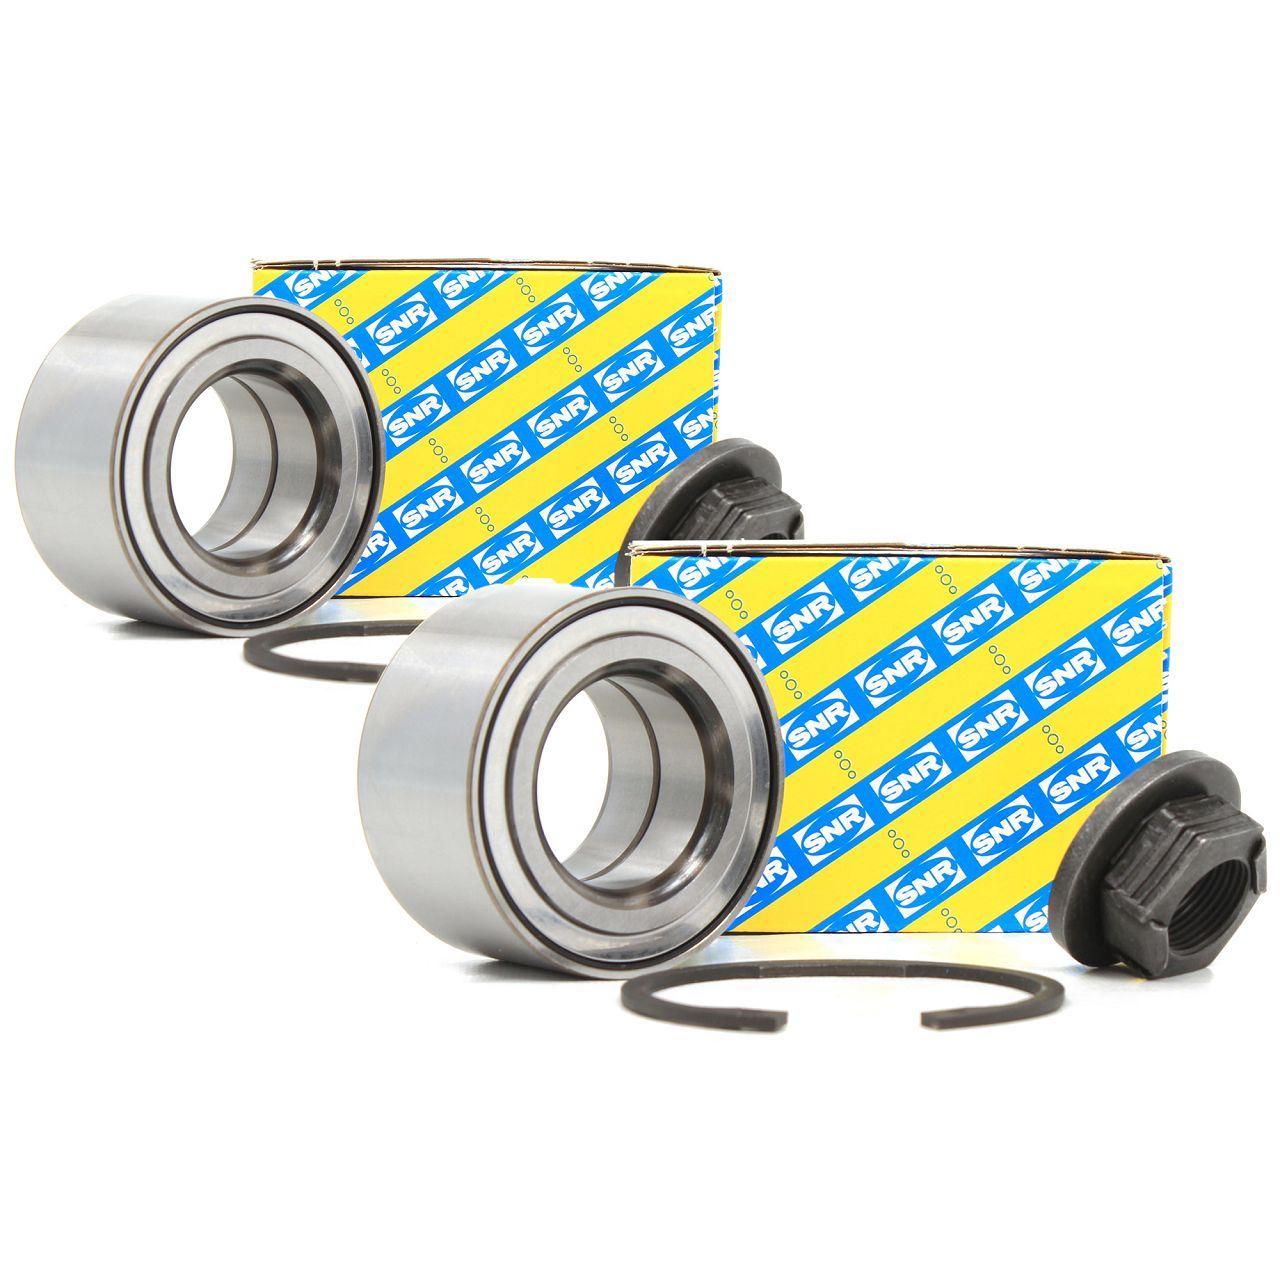 2x SNR Radlager Reparatursatz für FORD FIESTA V FOCUS I MK1 FUSION vorne R152.55